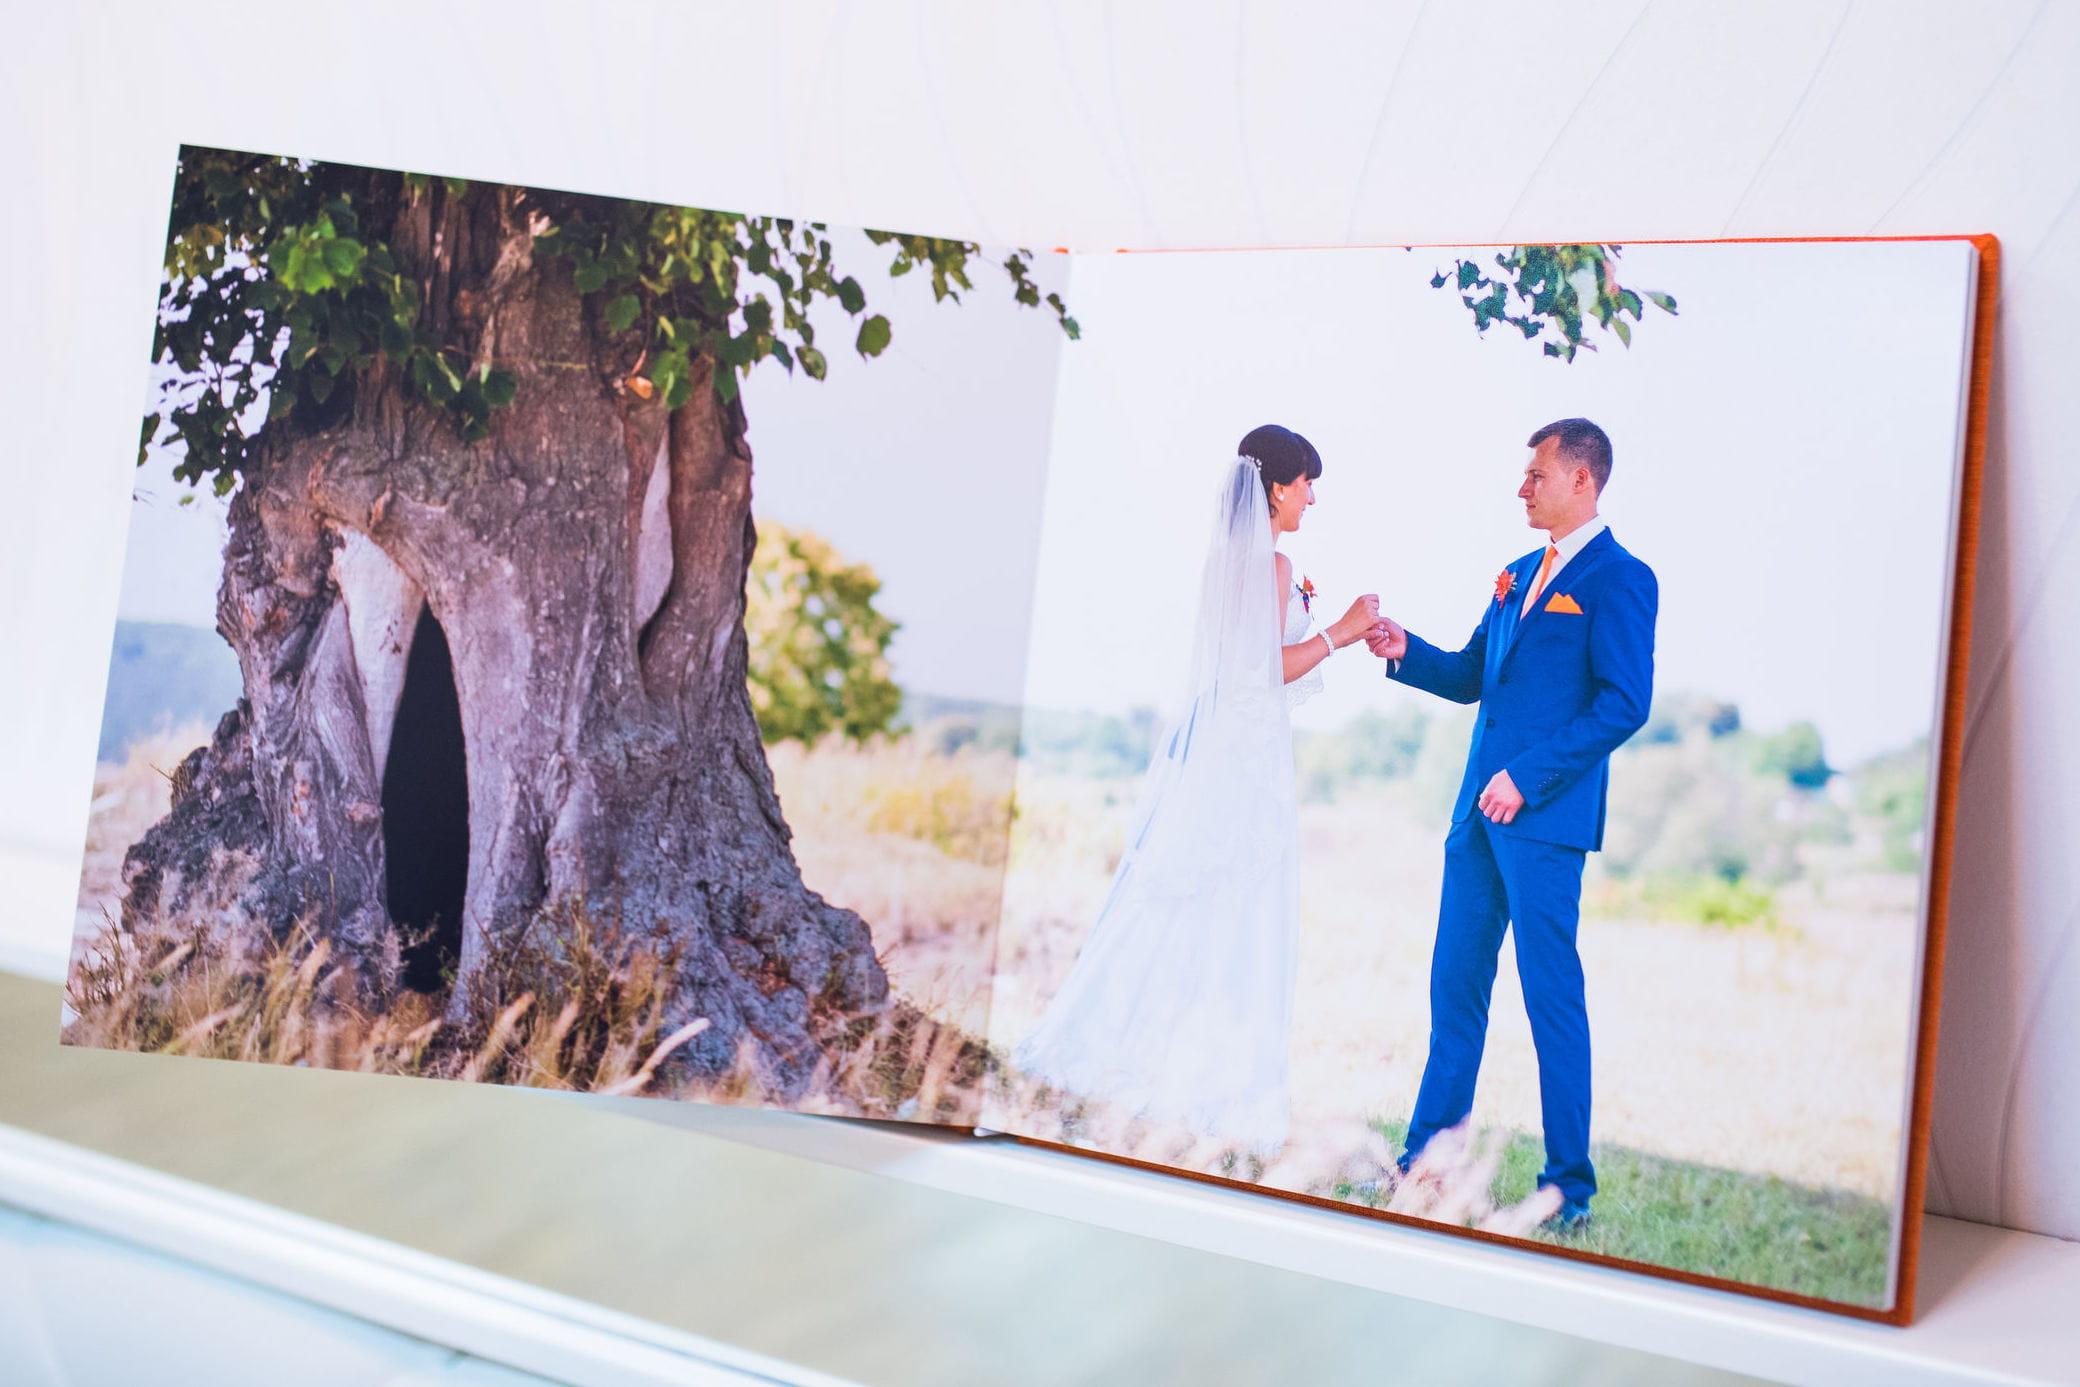 livre photo personnalis pour un mariage pas cher ou gratuit linternaute. Black Bedroom Furniture Sets. Home Design Ideas